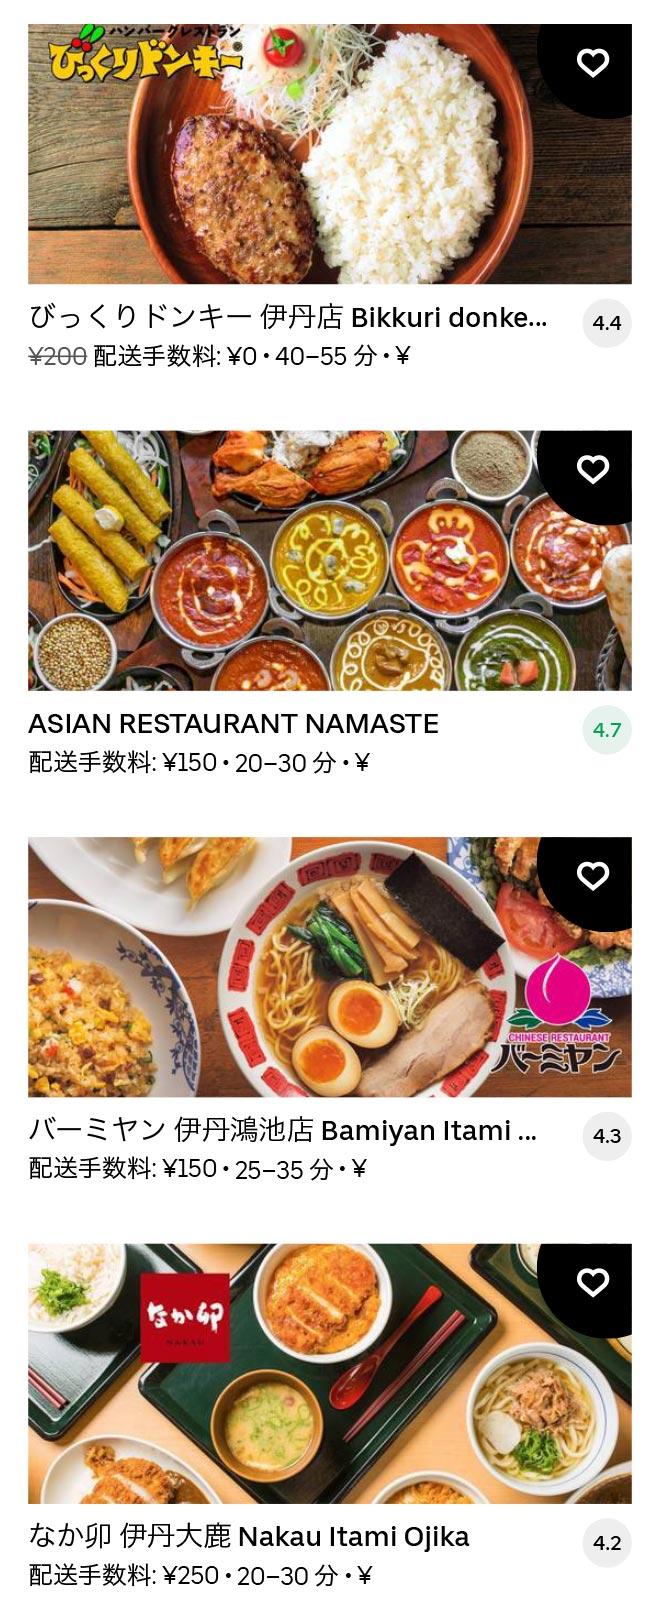 Itami nakano menu 2011 04